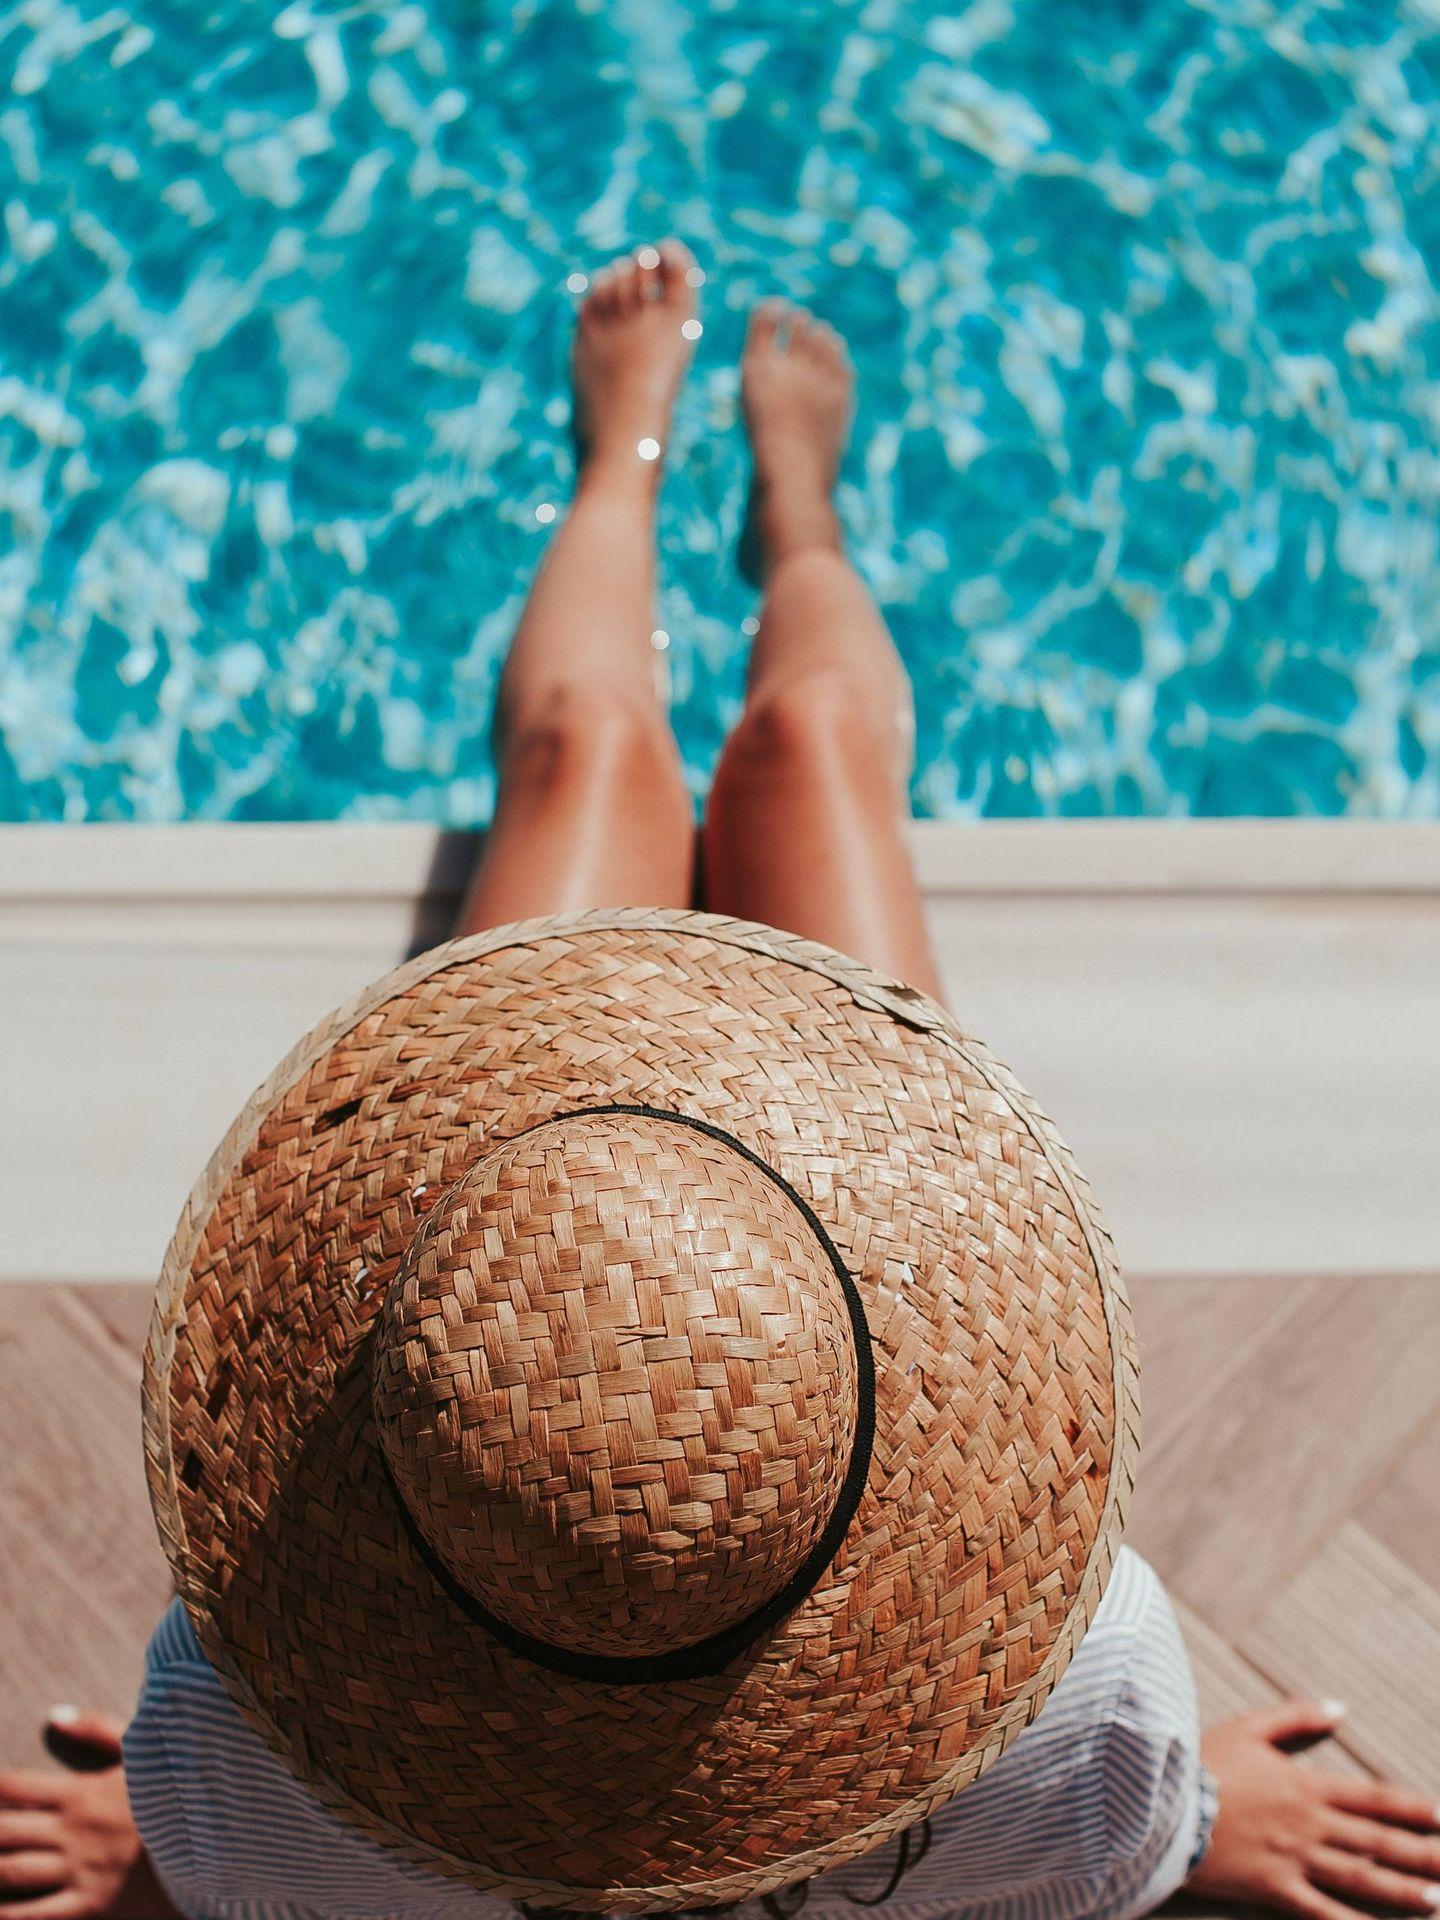 En verano, necesitamos un extra de hidratación. (Angelo Pantazis en Unsplash)